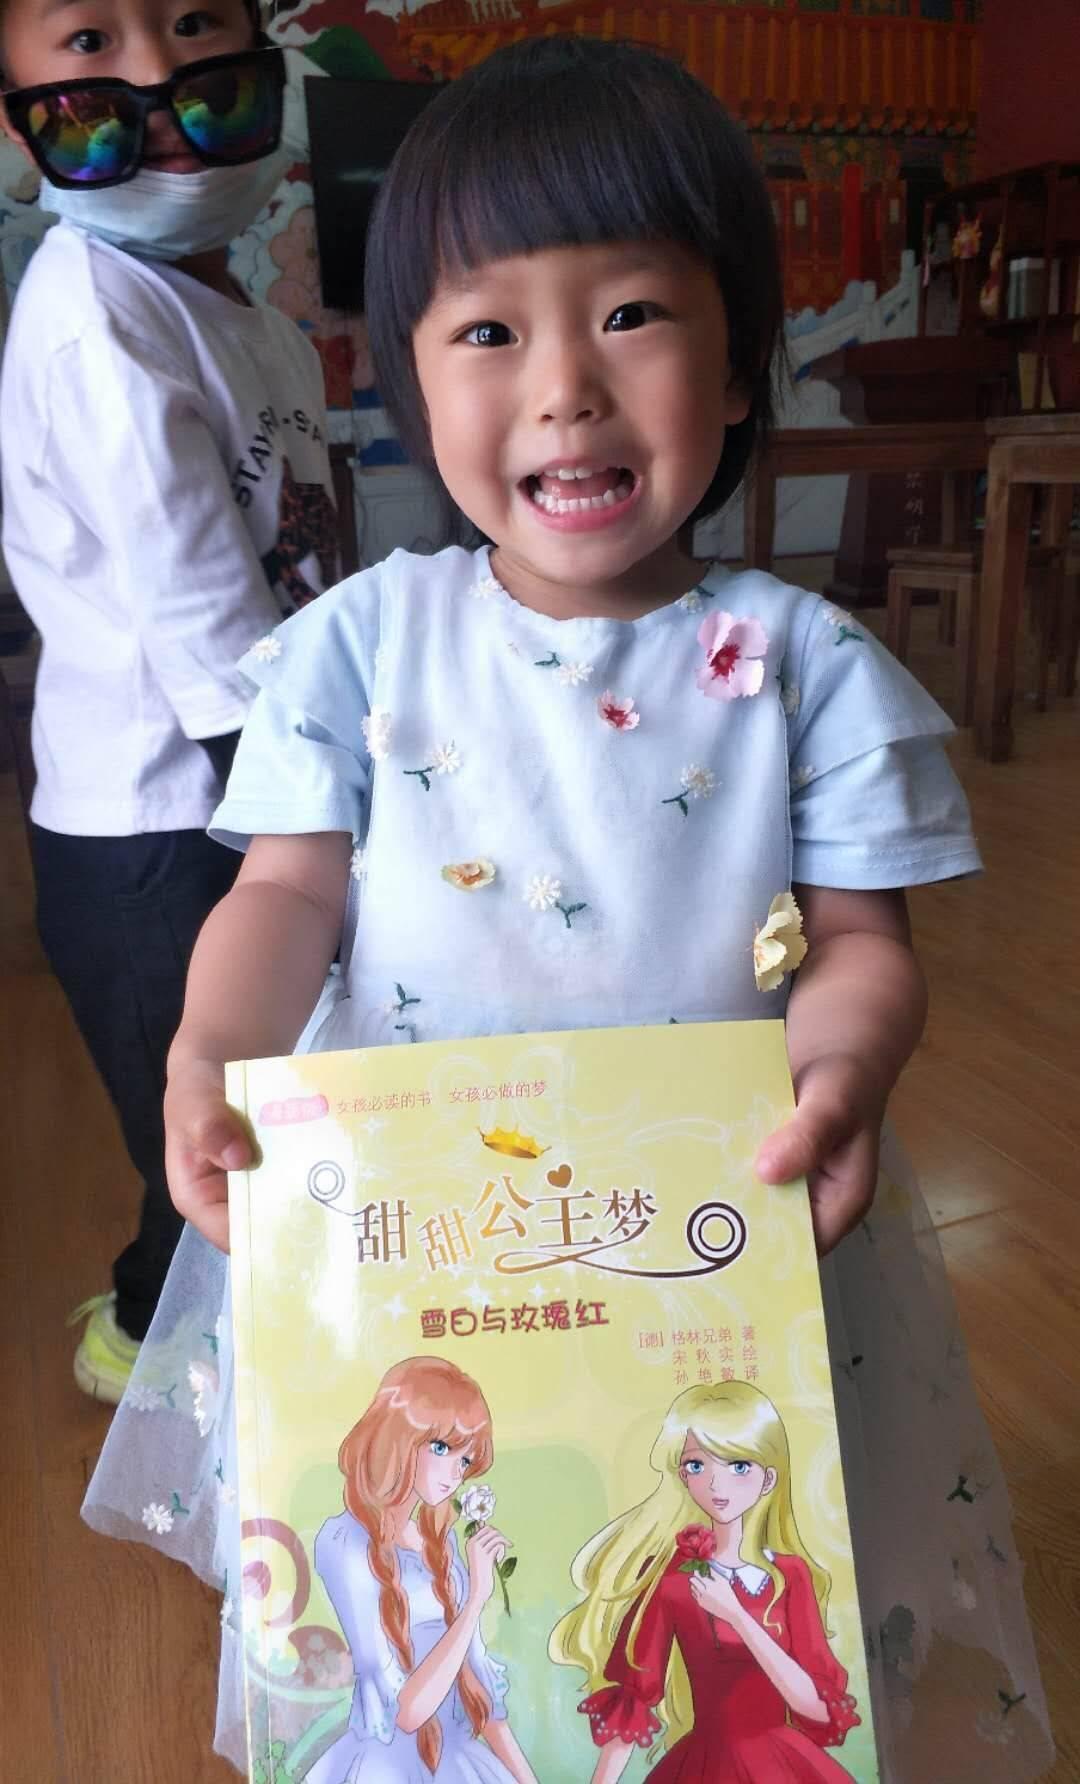 放下手机 全民阅读——北京市希望公益基金会